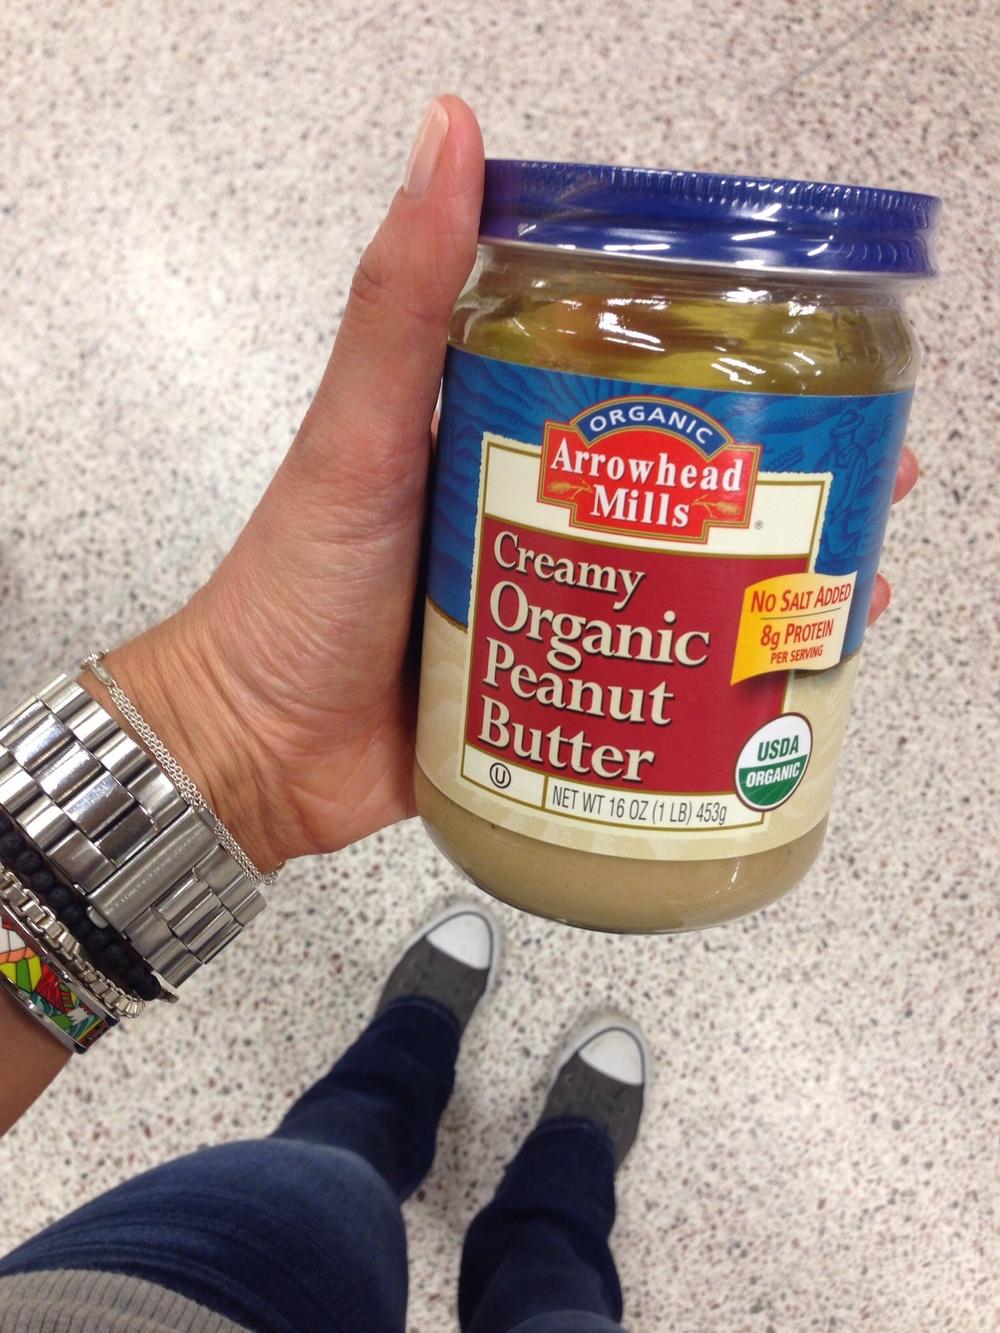 Arrowhead Mills Organic Peanut Butter